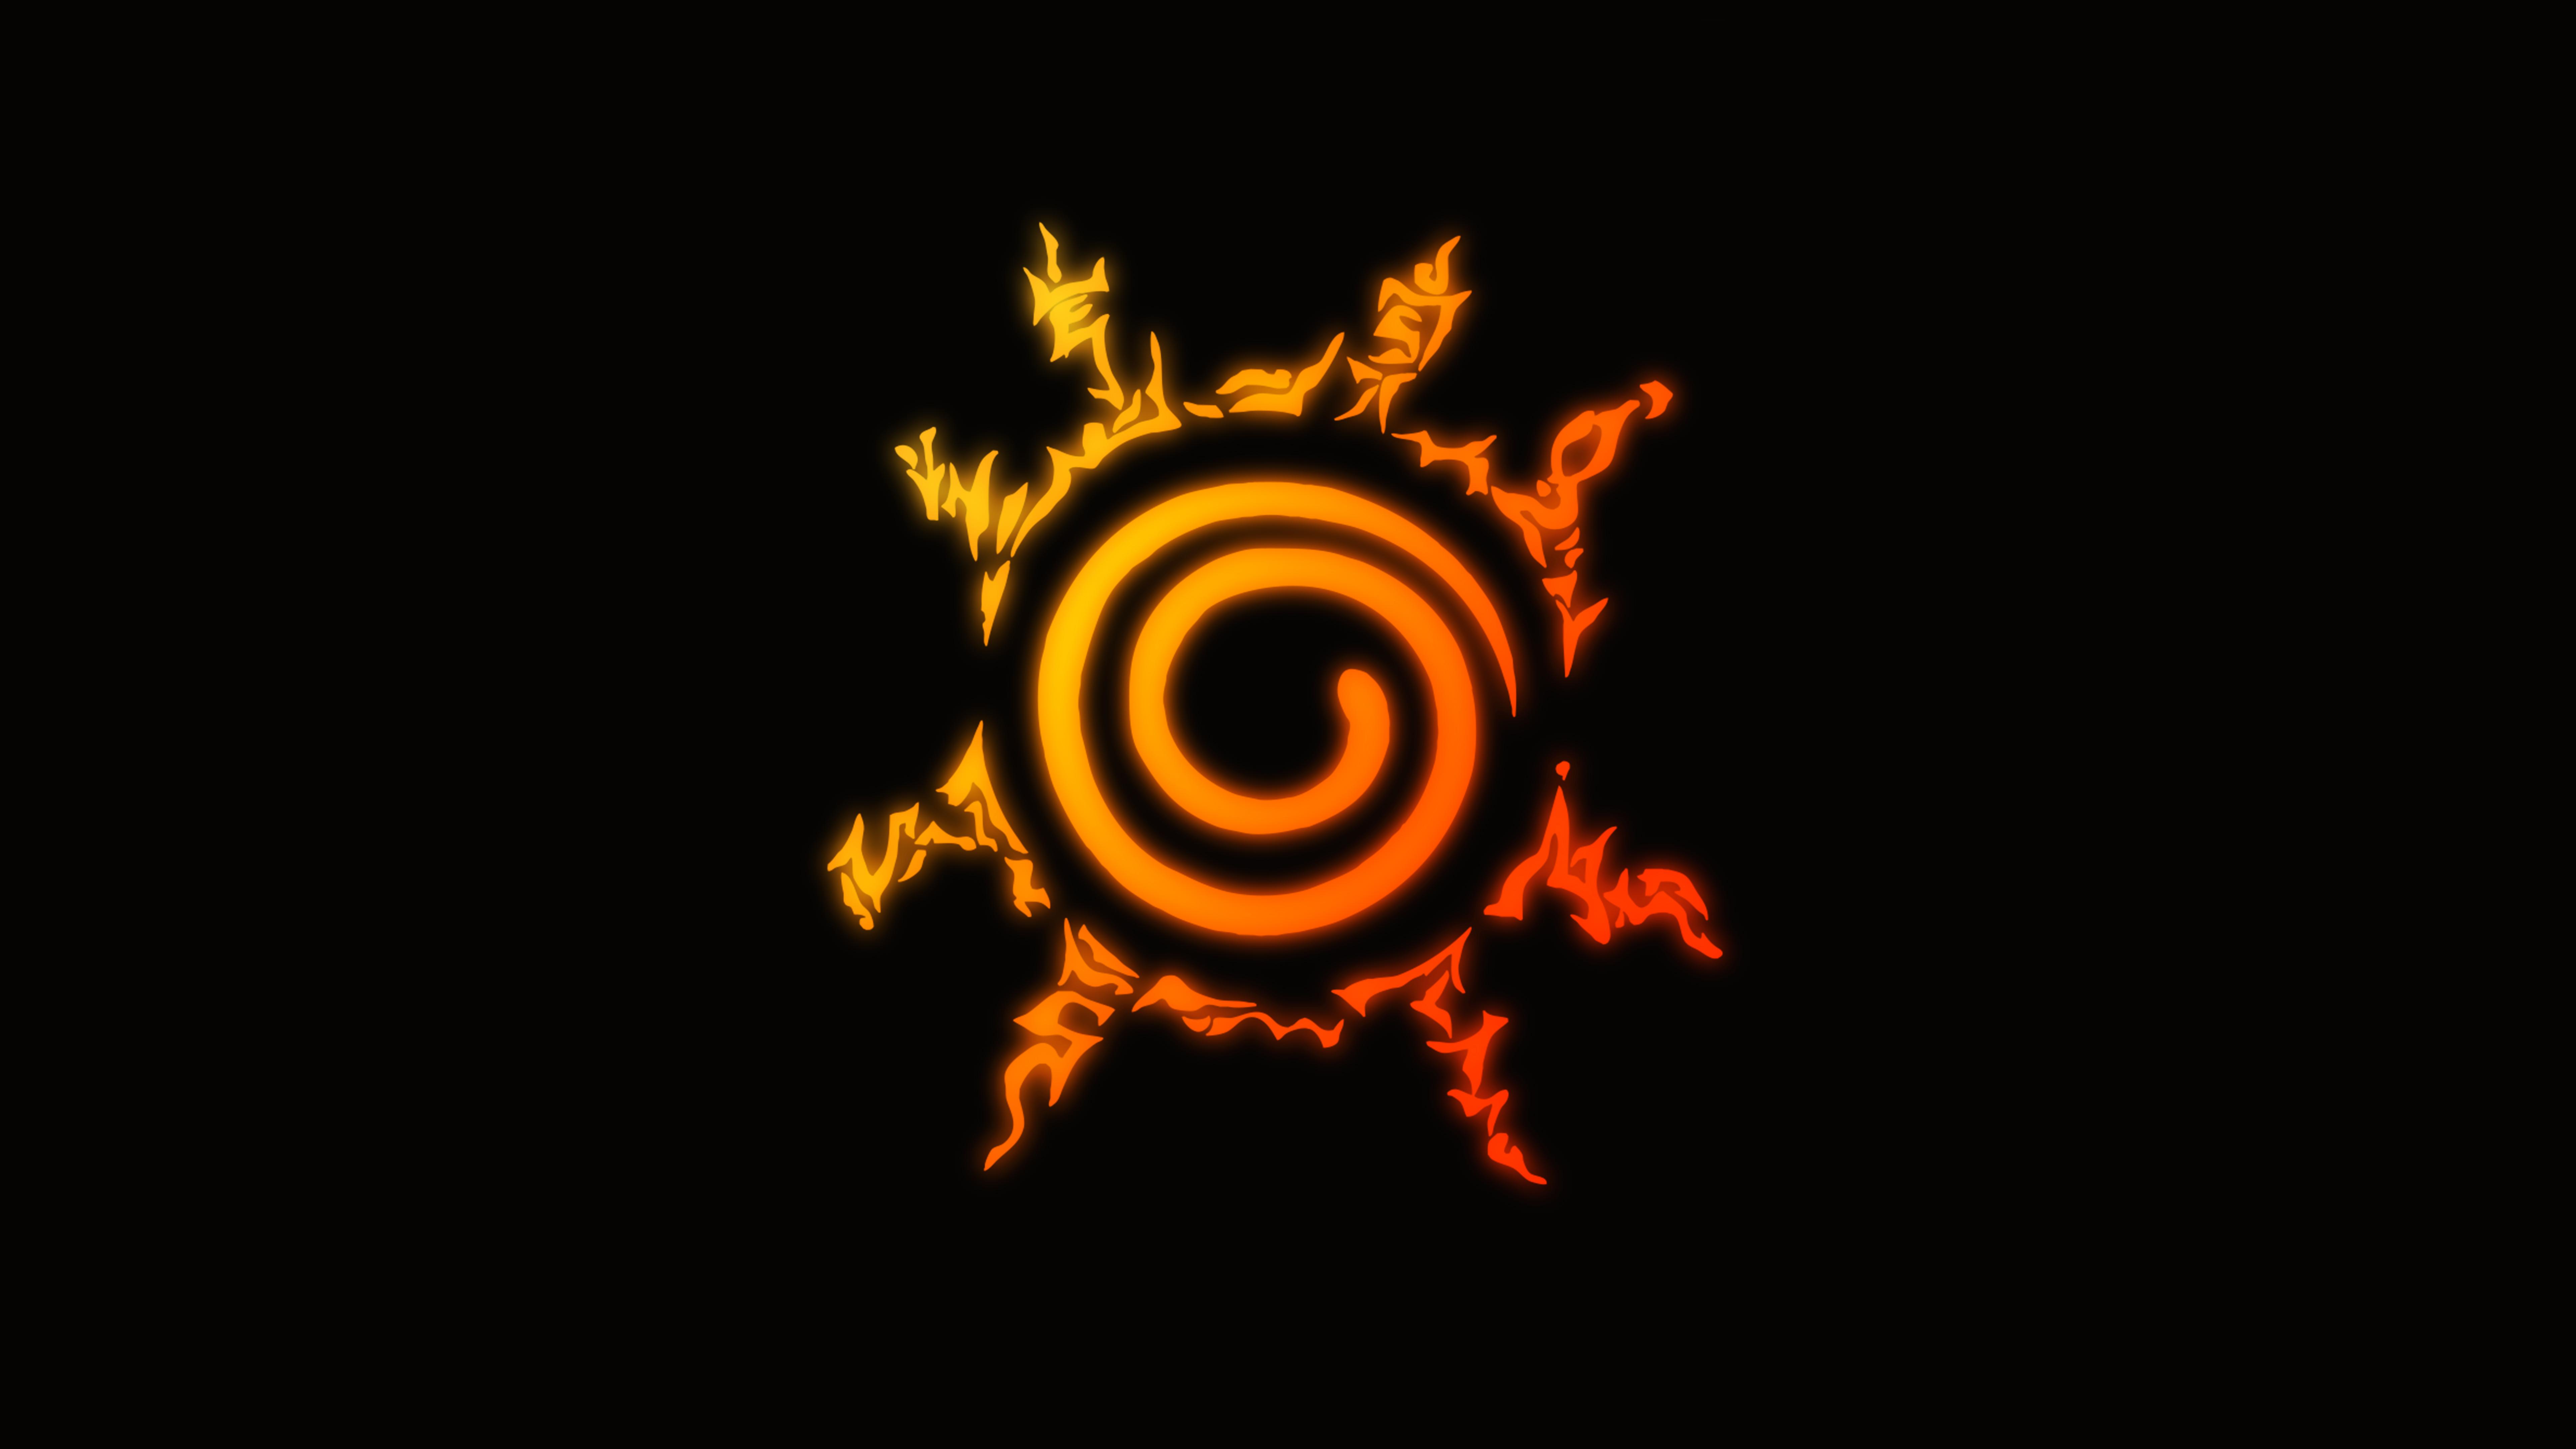 Naruto Seal Mark 8k-wallpaper 8k Ultra